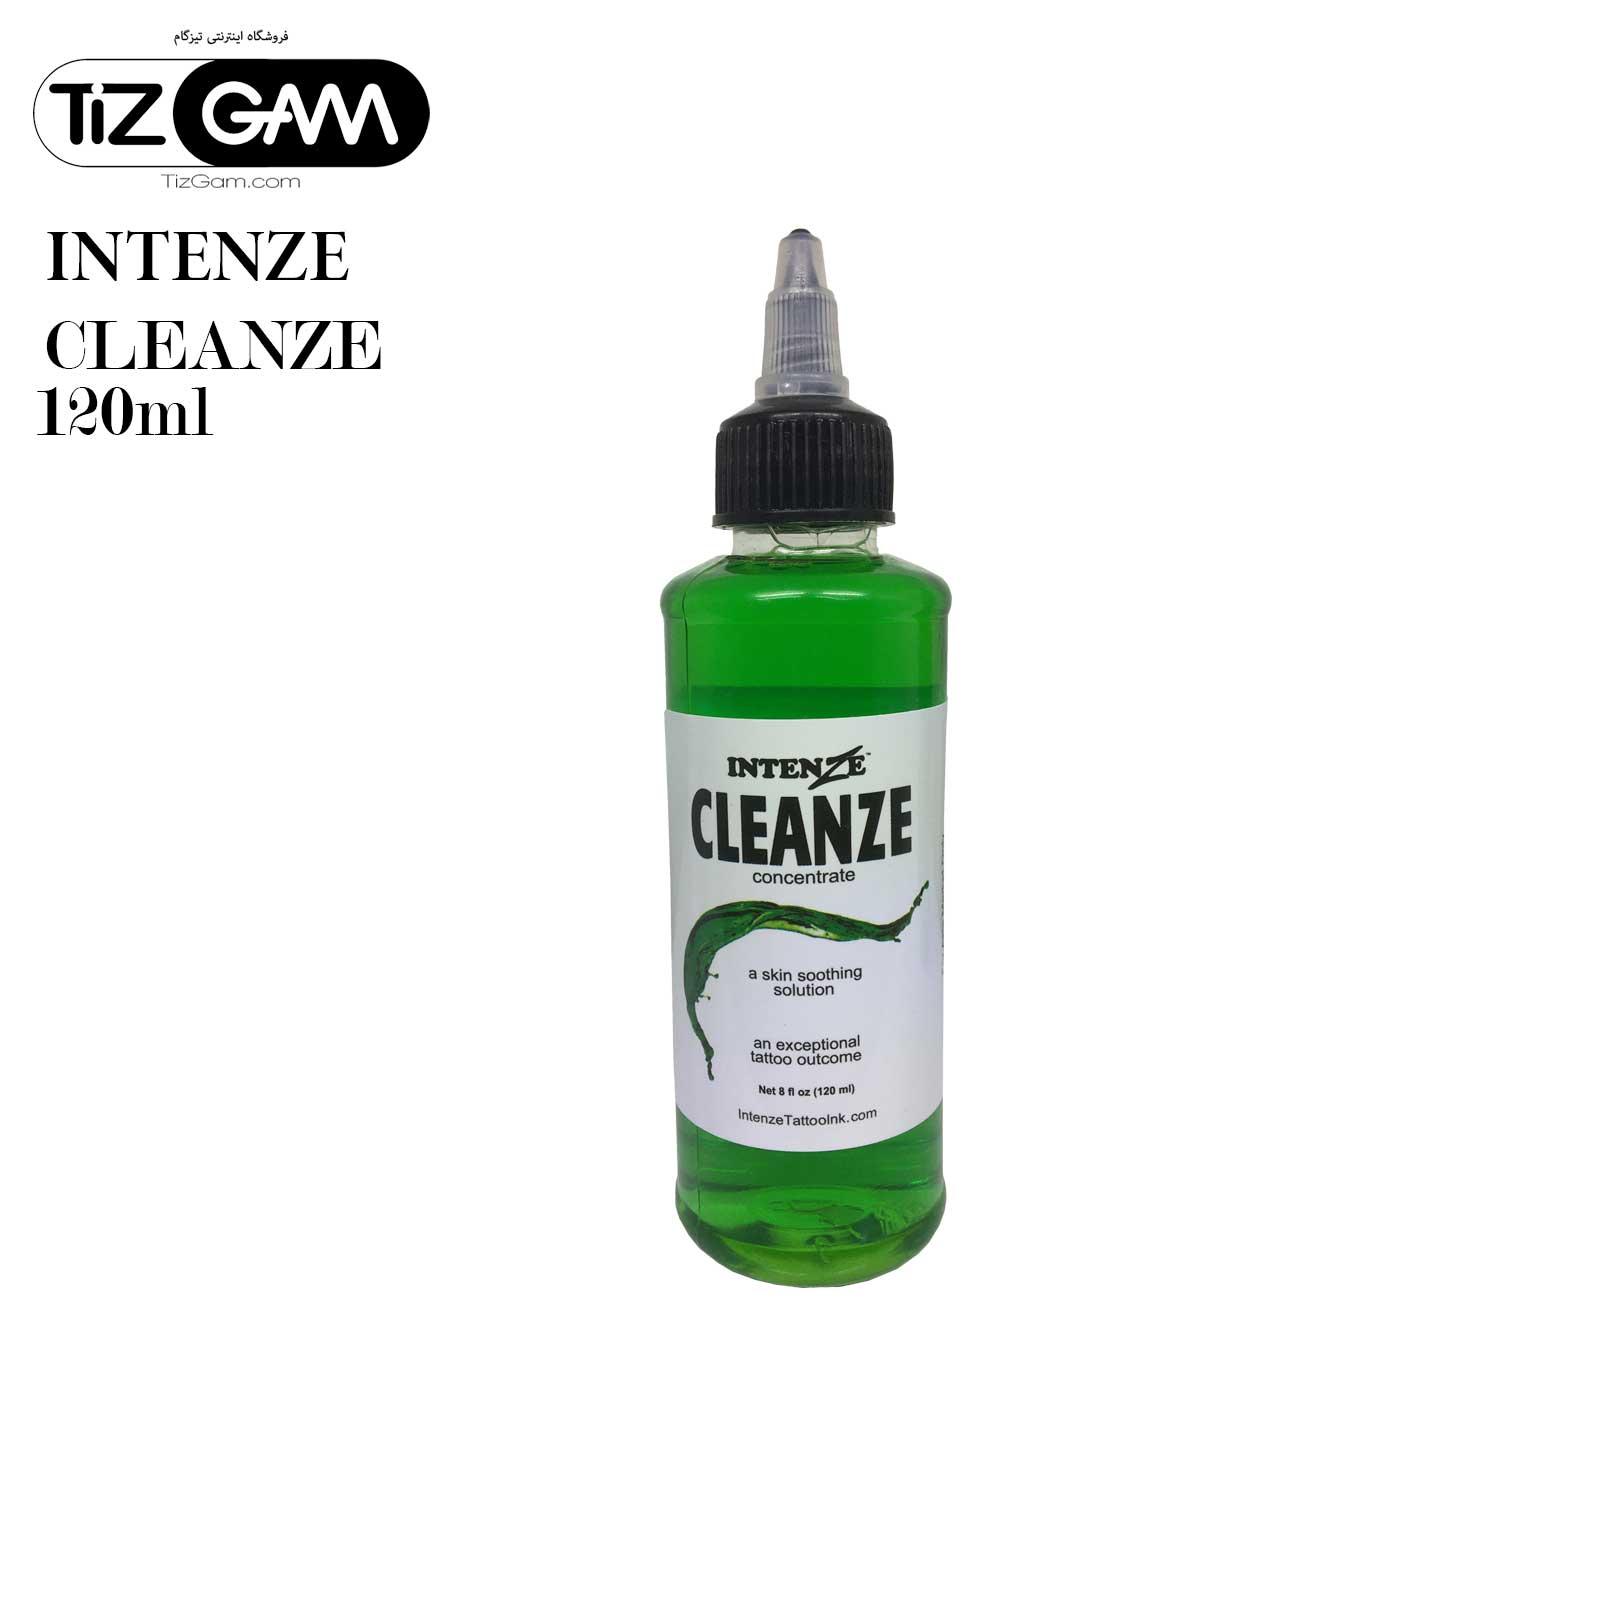 محلول کلینزر تاتو اینتنز ۱۲۰ml-پاک-کننده-شست-و-شو-رنگ-تاتو-تیزگام-intenze-cleanze-tatoo-tizgam اورجینال orginal